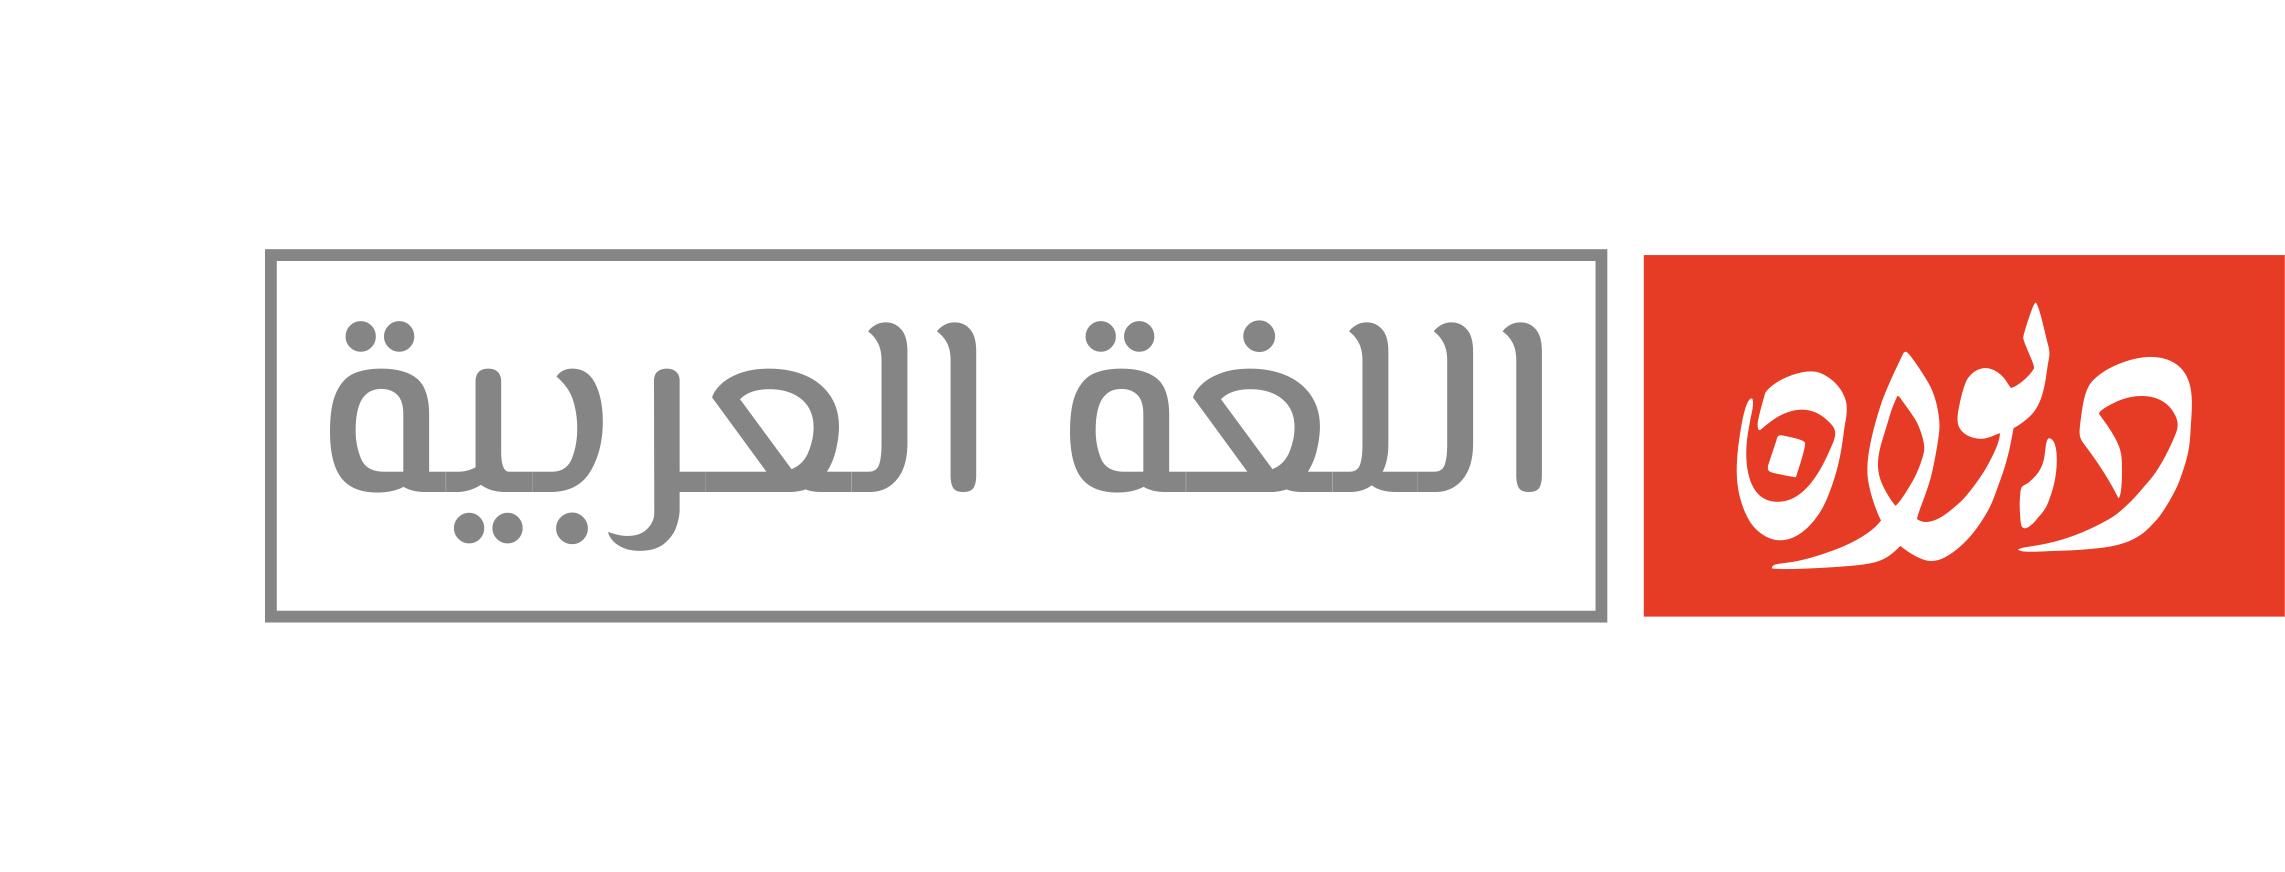 ديوان اللغة العربية   مقدمة في الاستفان